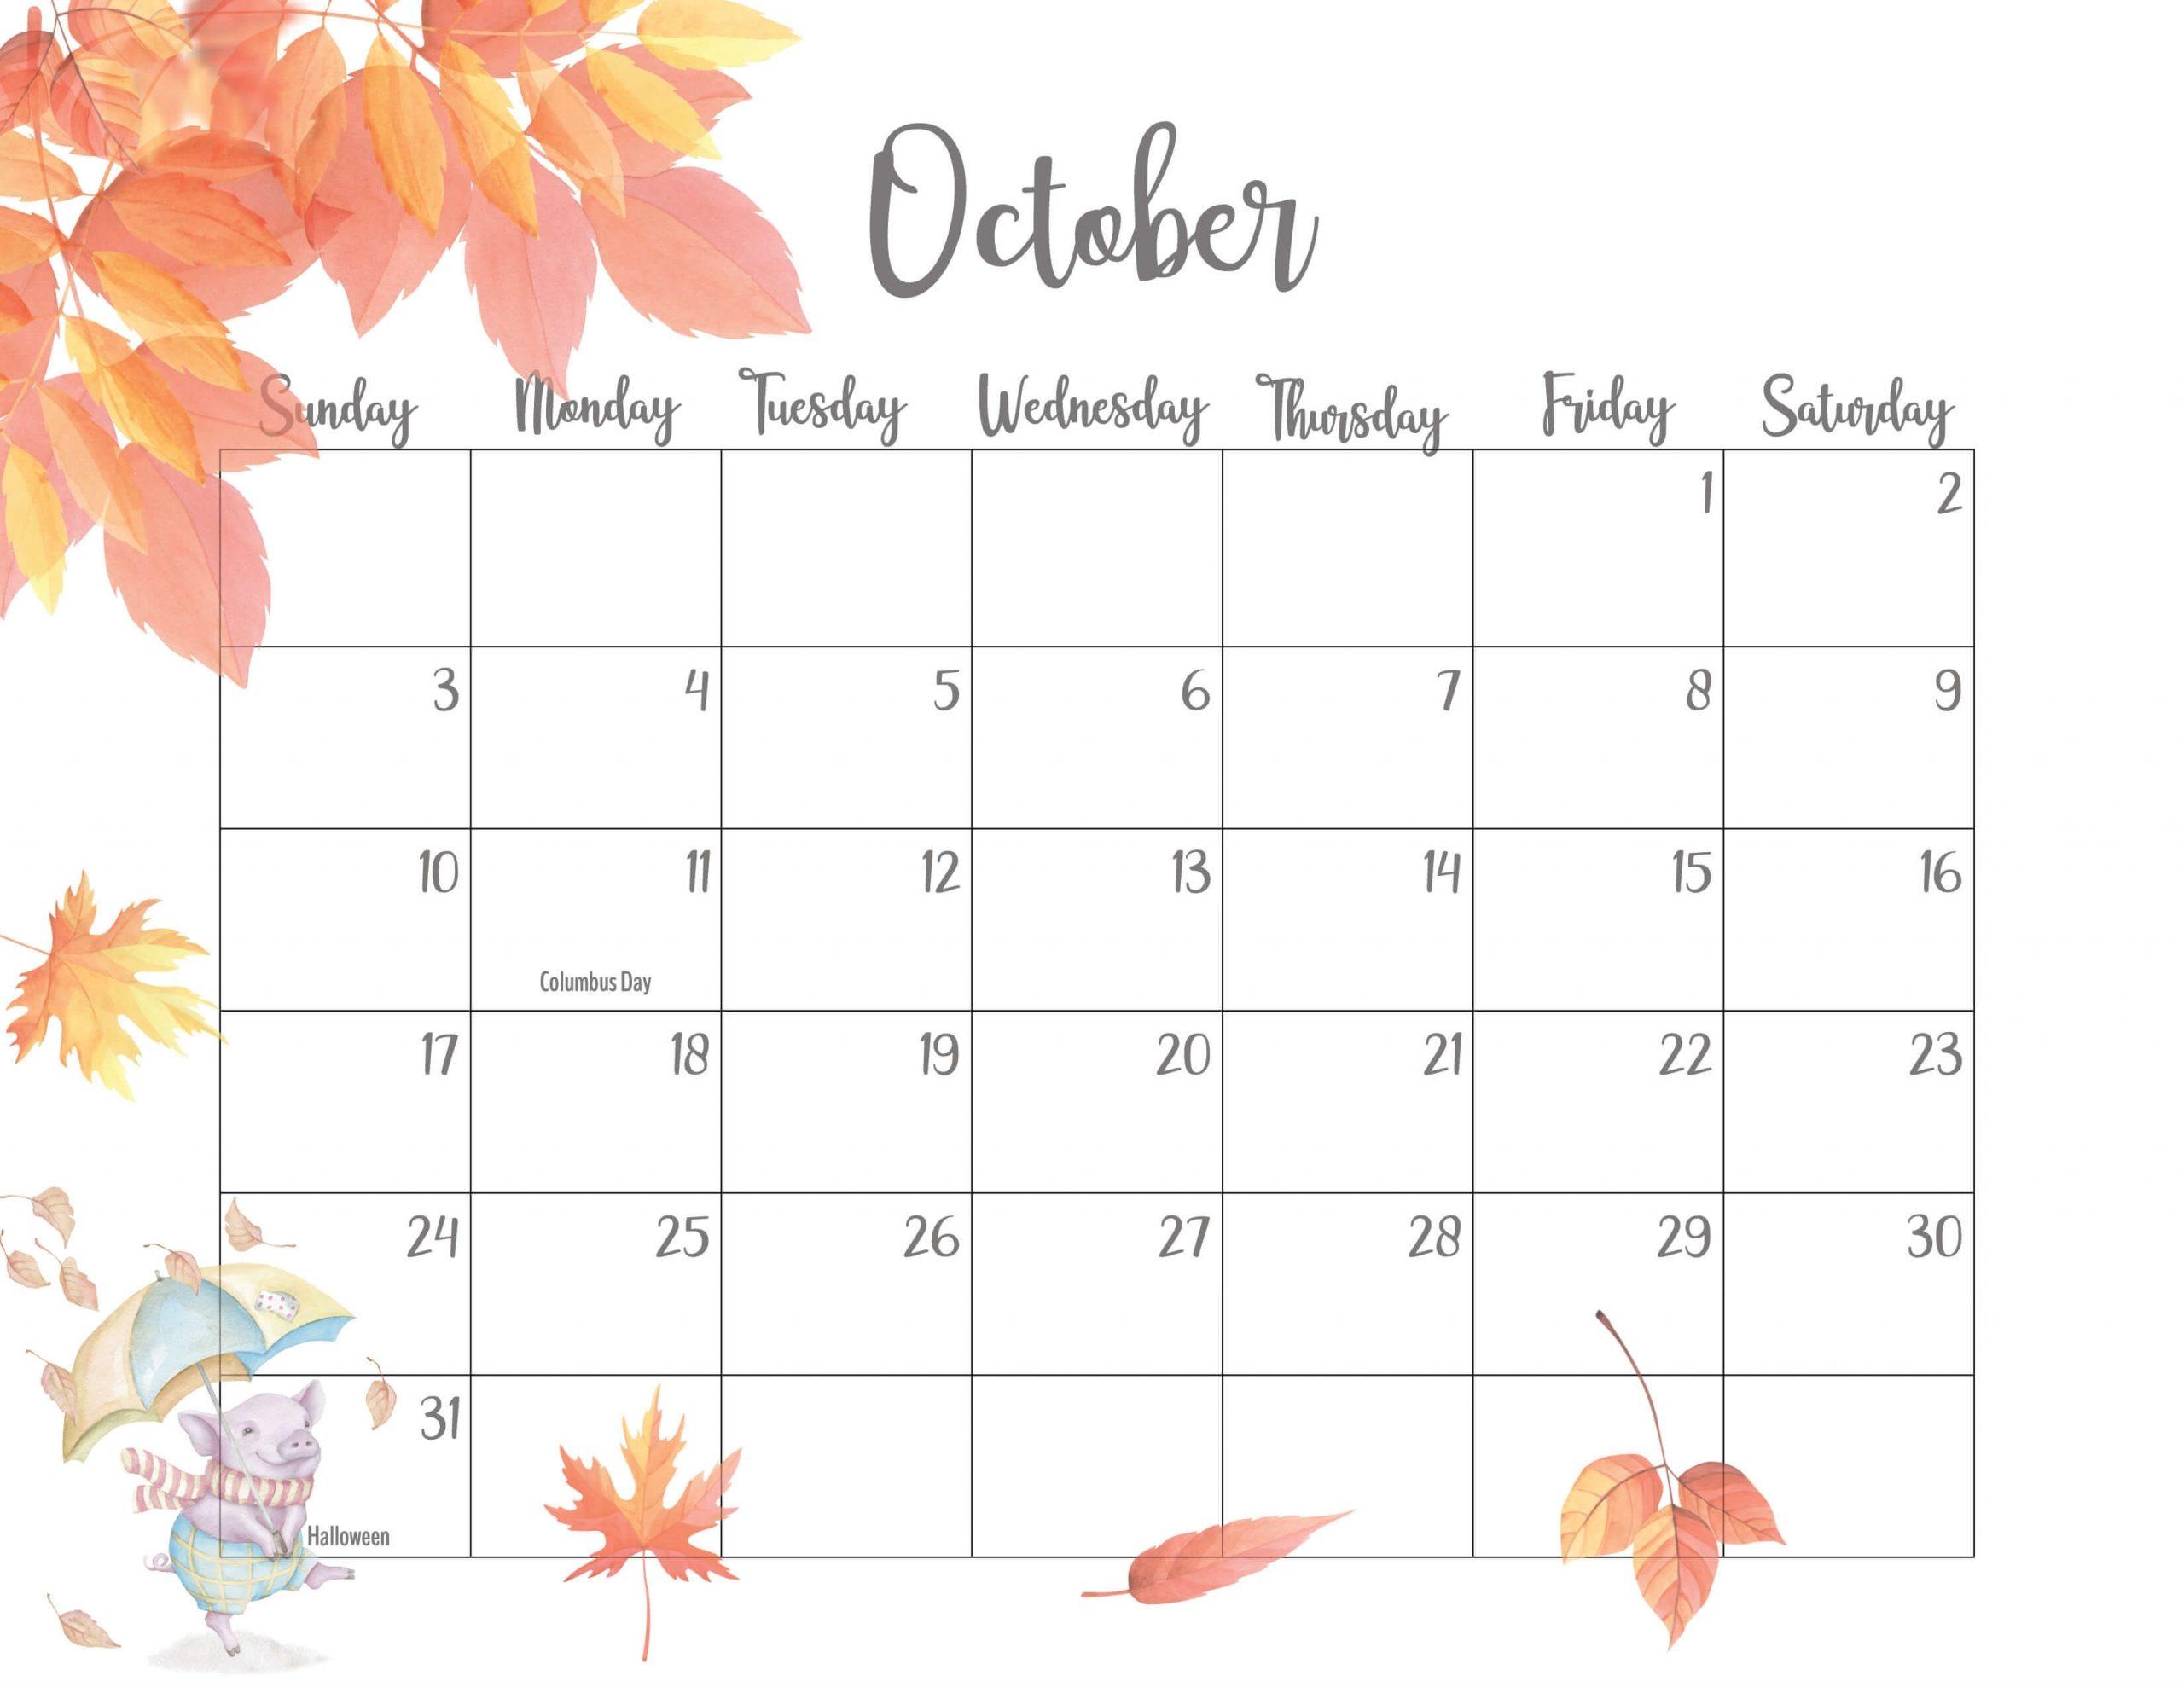 Floral October 2021 Calendar Printable - Time Management